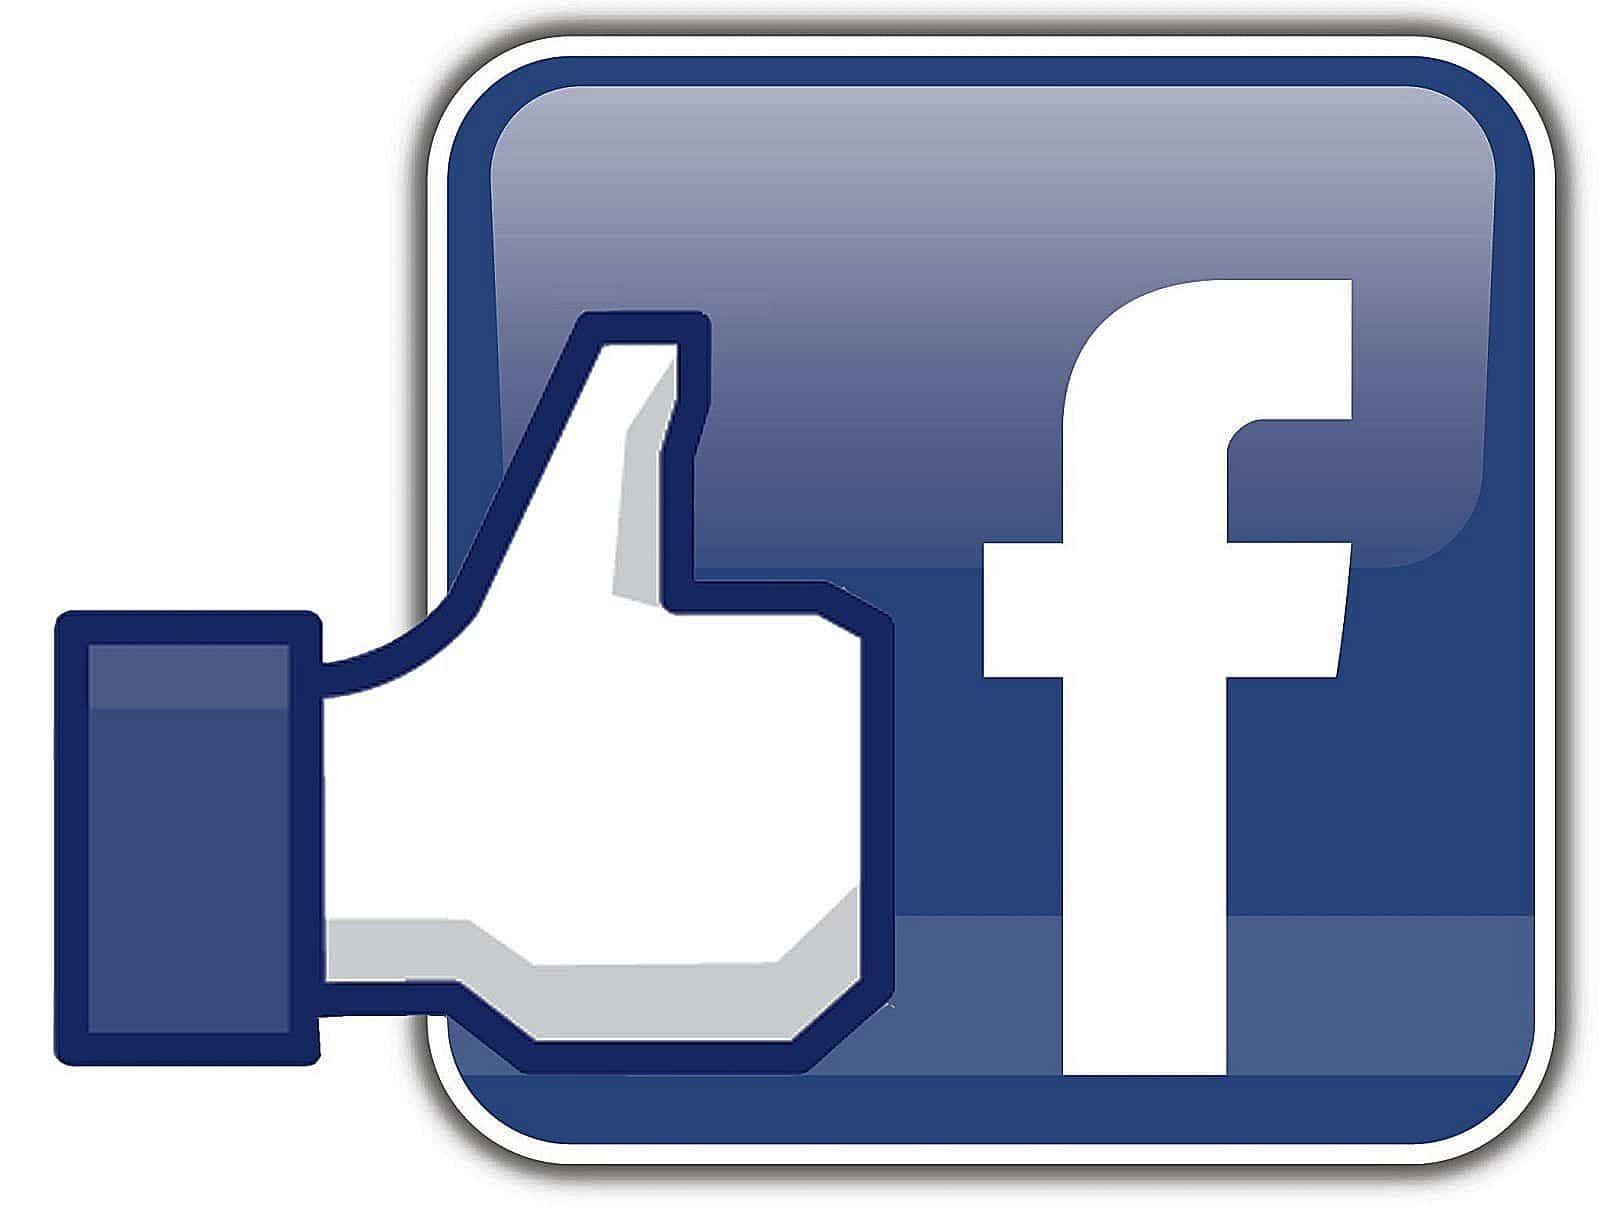 Fda bacchetta azienda per 'like' su Fb e post su Twitter